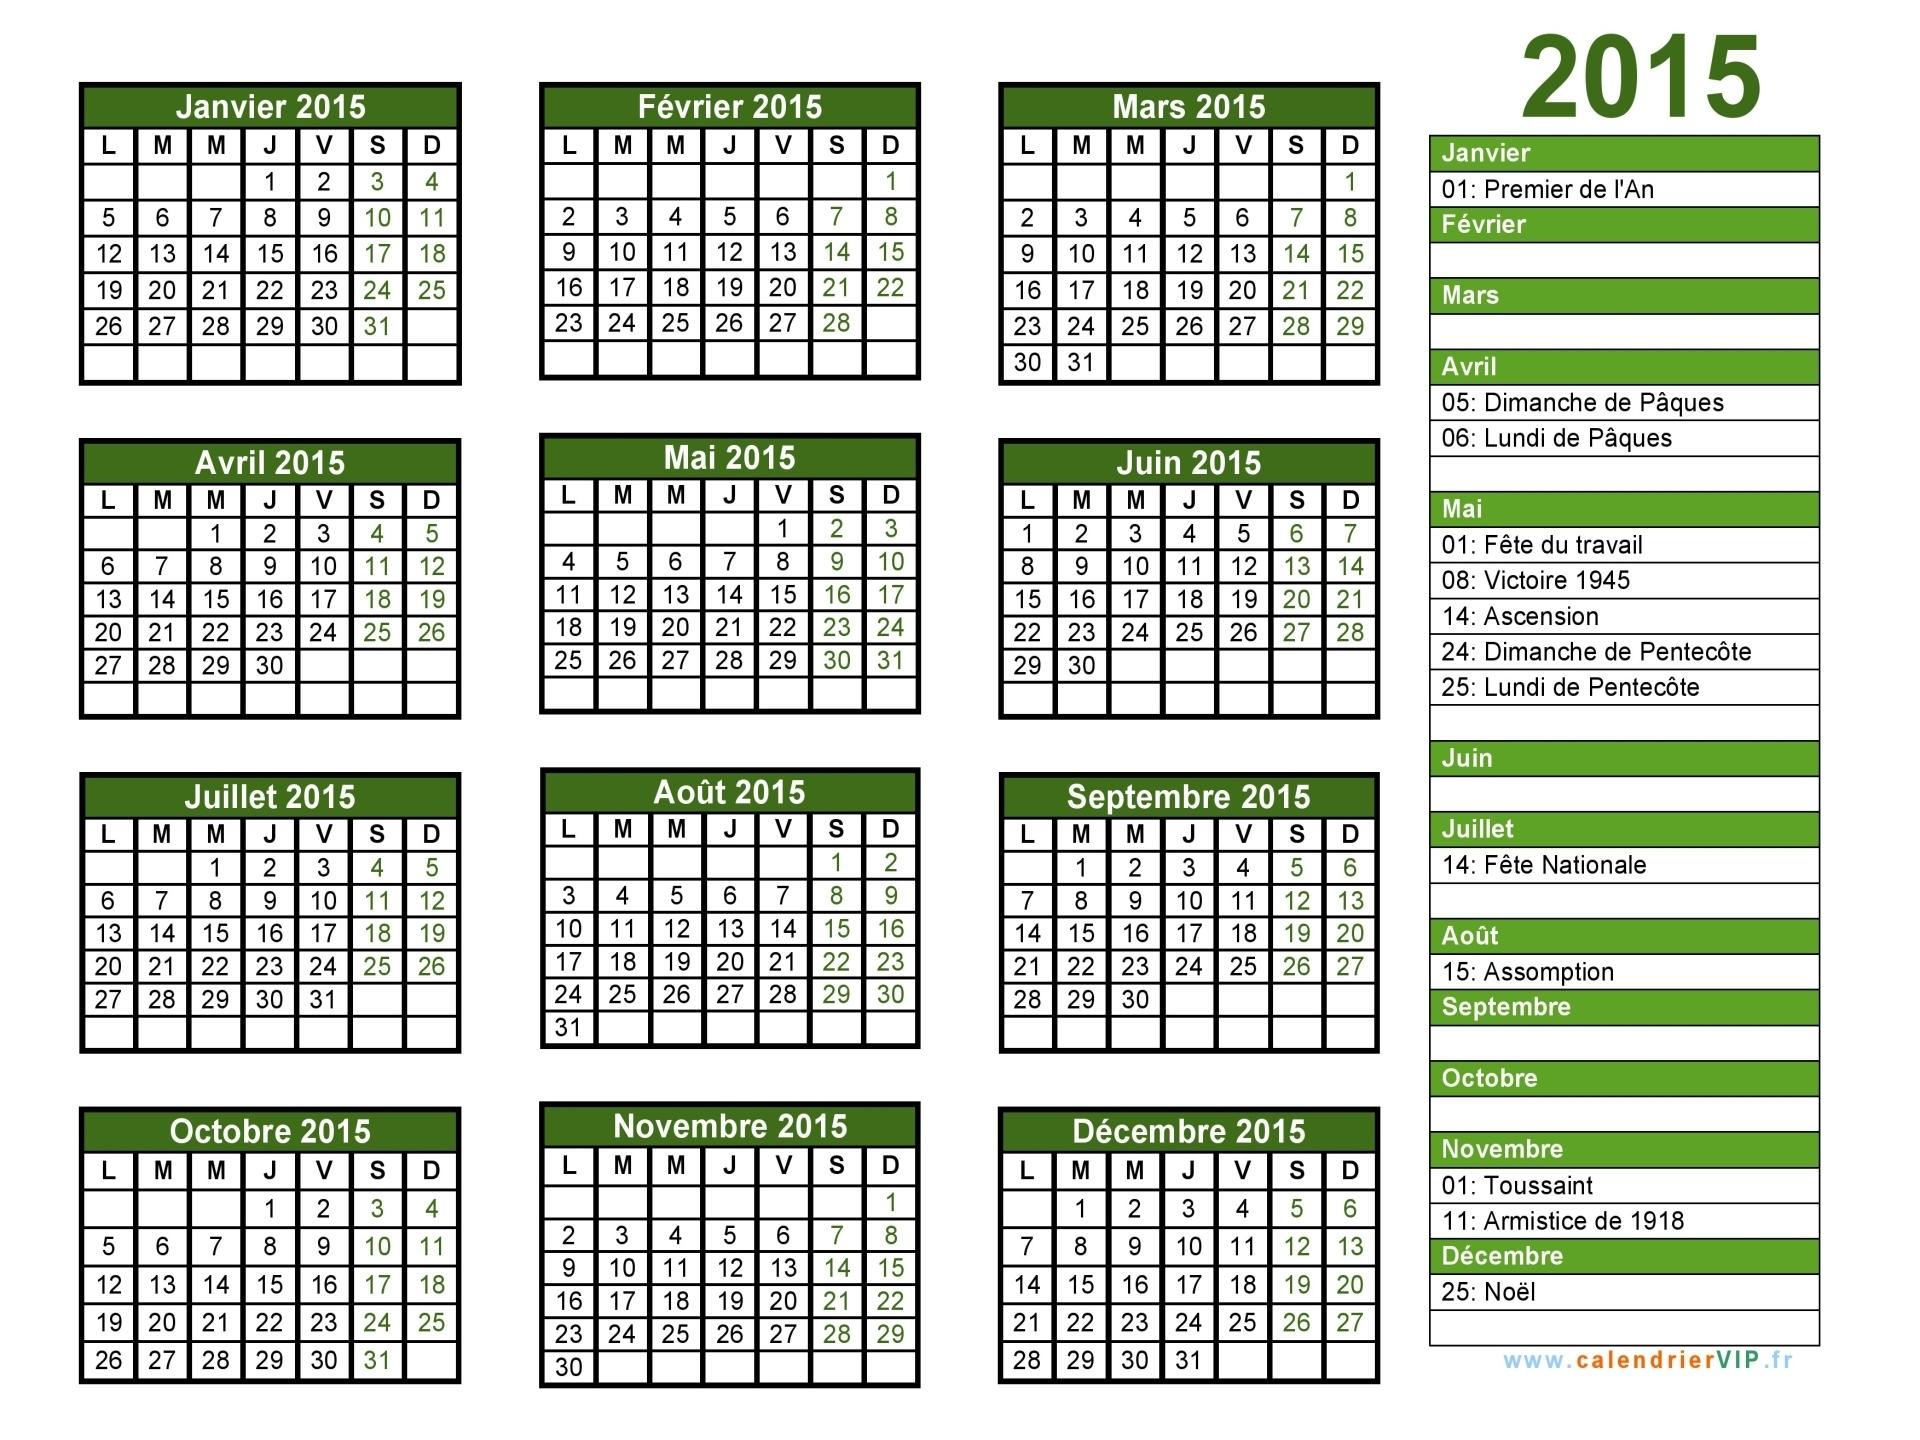 Calendrier scolaire 2014 2015 gratuit personnalisable - Calendrier scolaire 2014 2015 ...